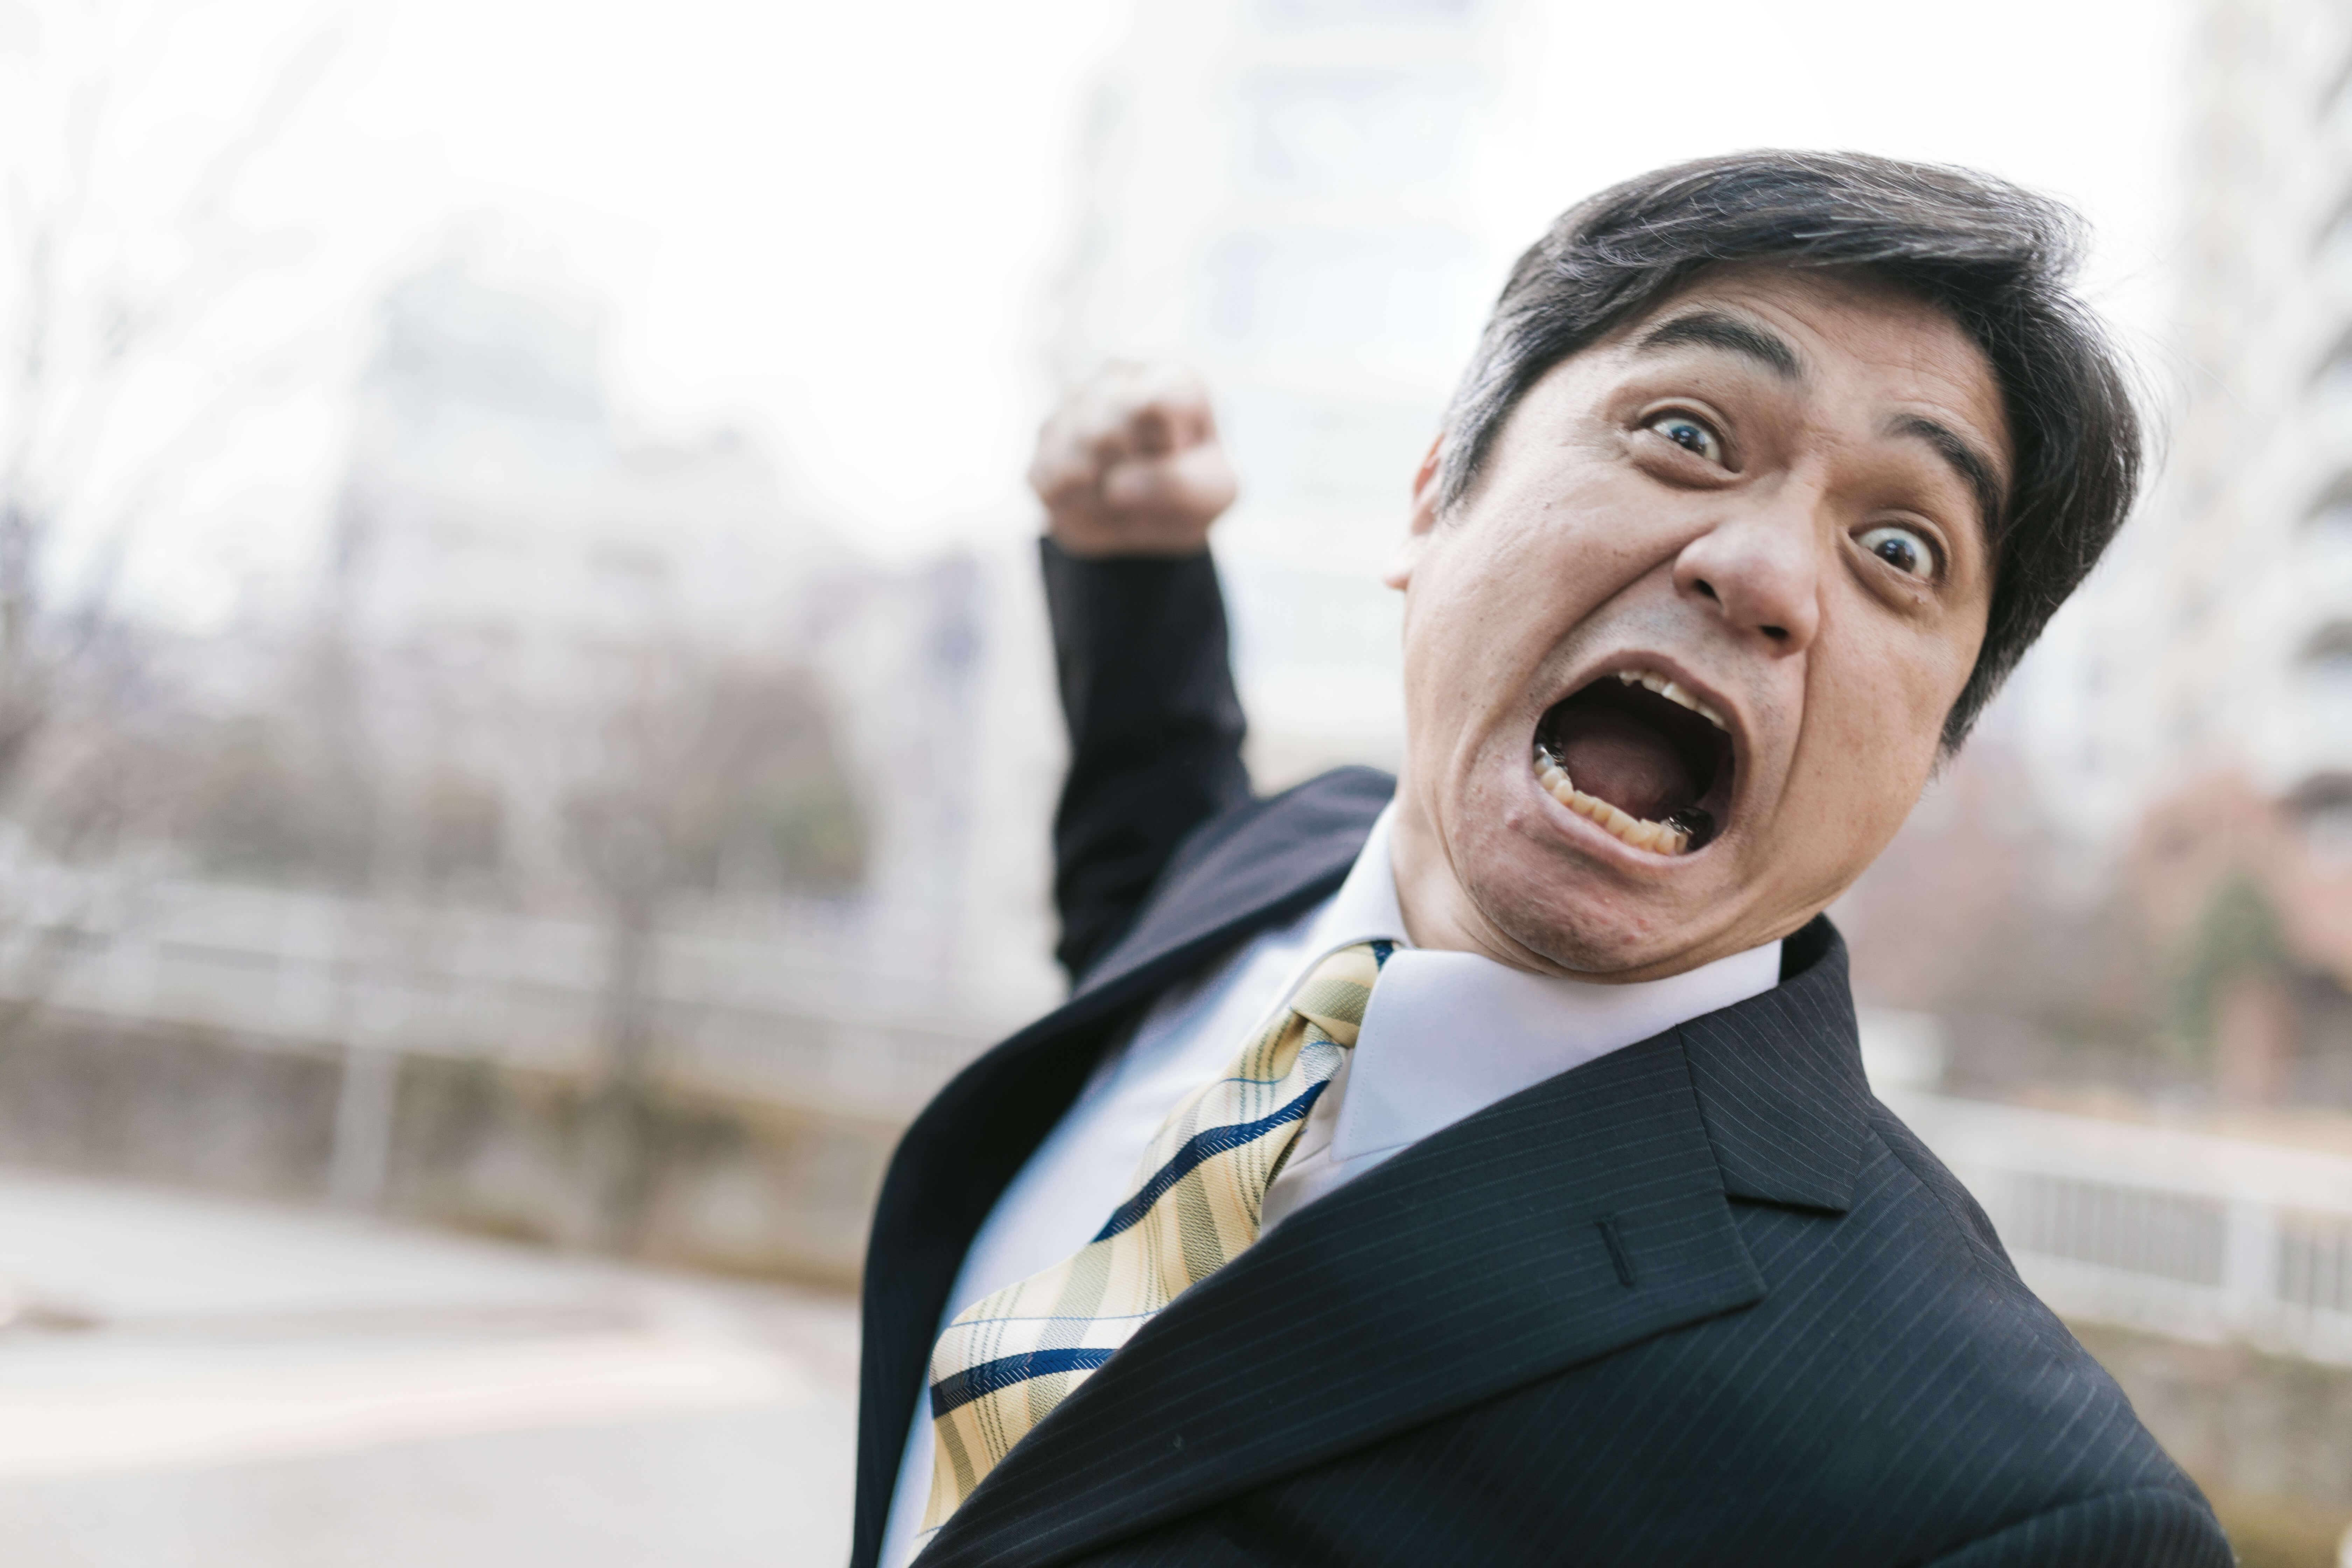 【町田総合高校暴行問題】スッキリ加藤浩次が暴行教師挑発した生徒にブチ切れ!